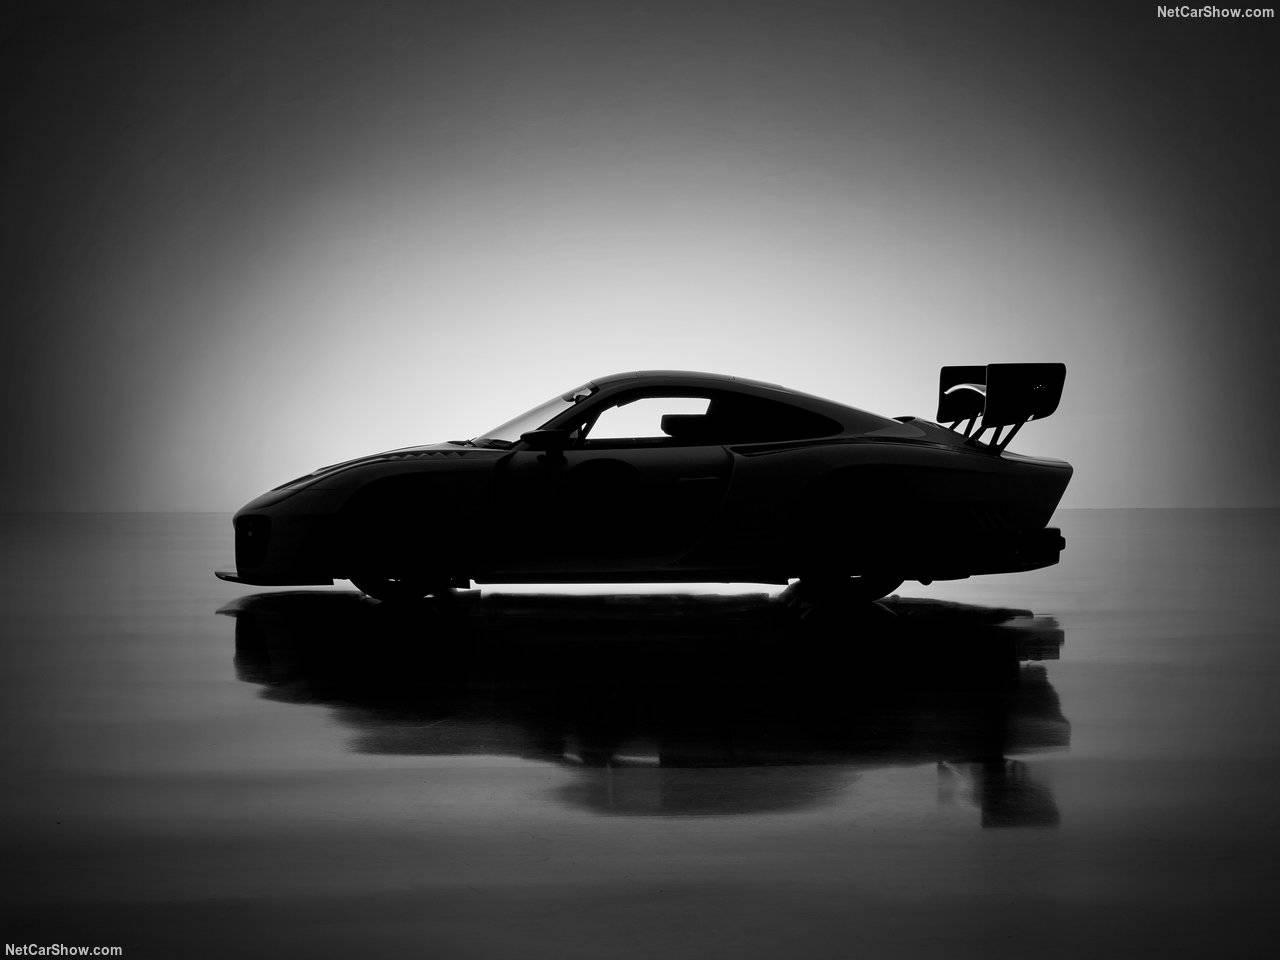 新型ポルシェ935を発表!ボディがFRPからカーボンに刷新!価格はほぼ1億円との事!!!